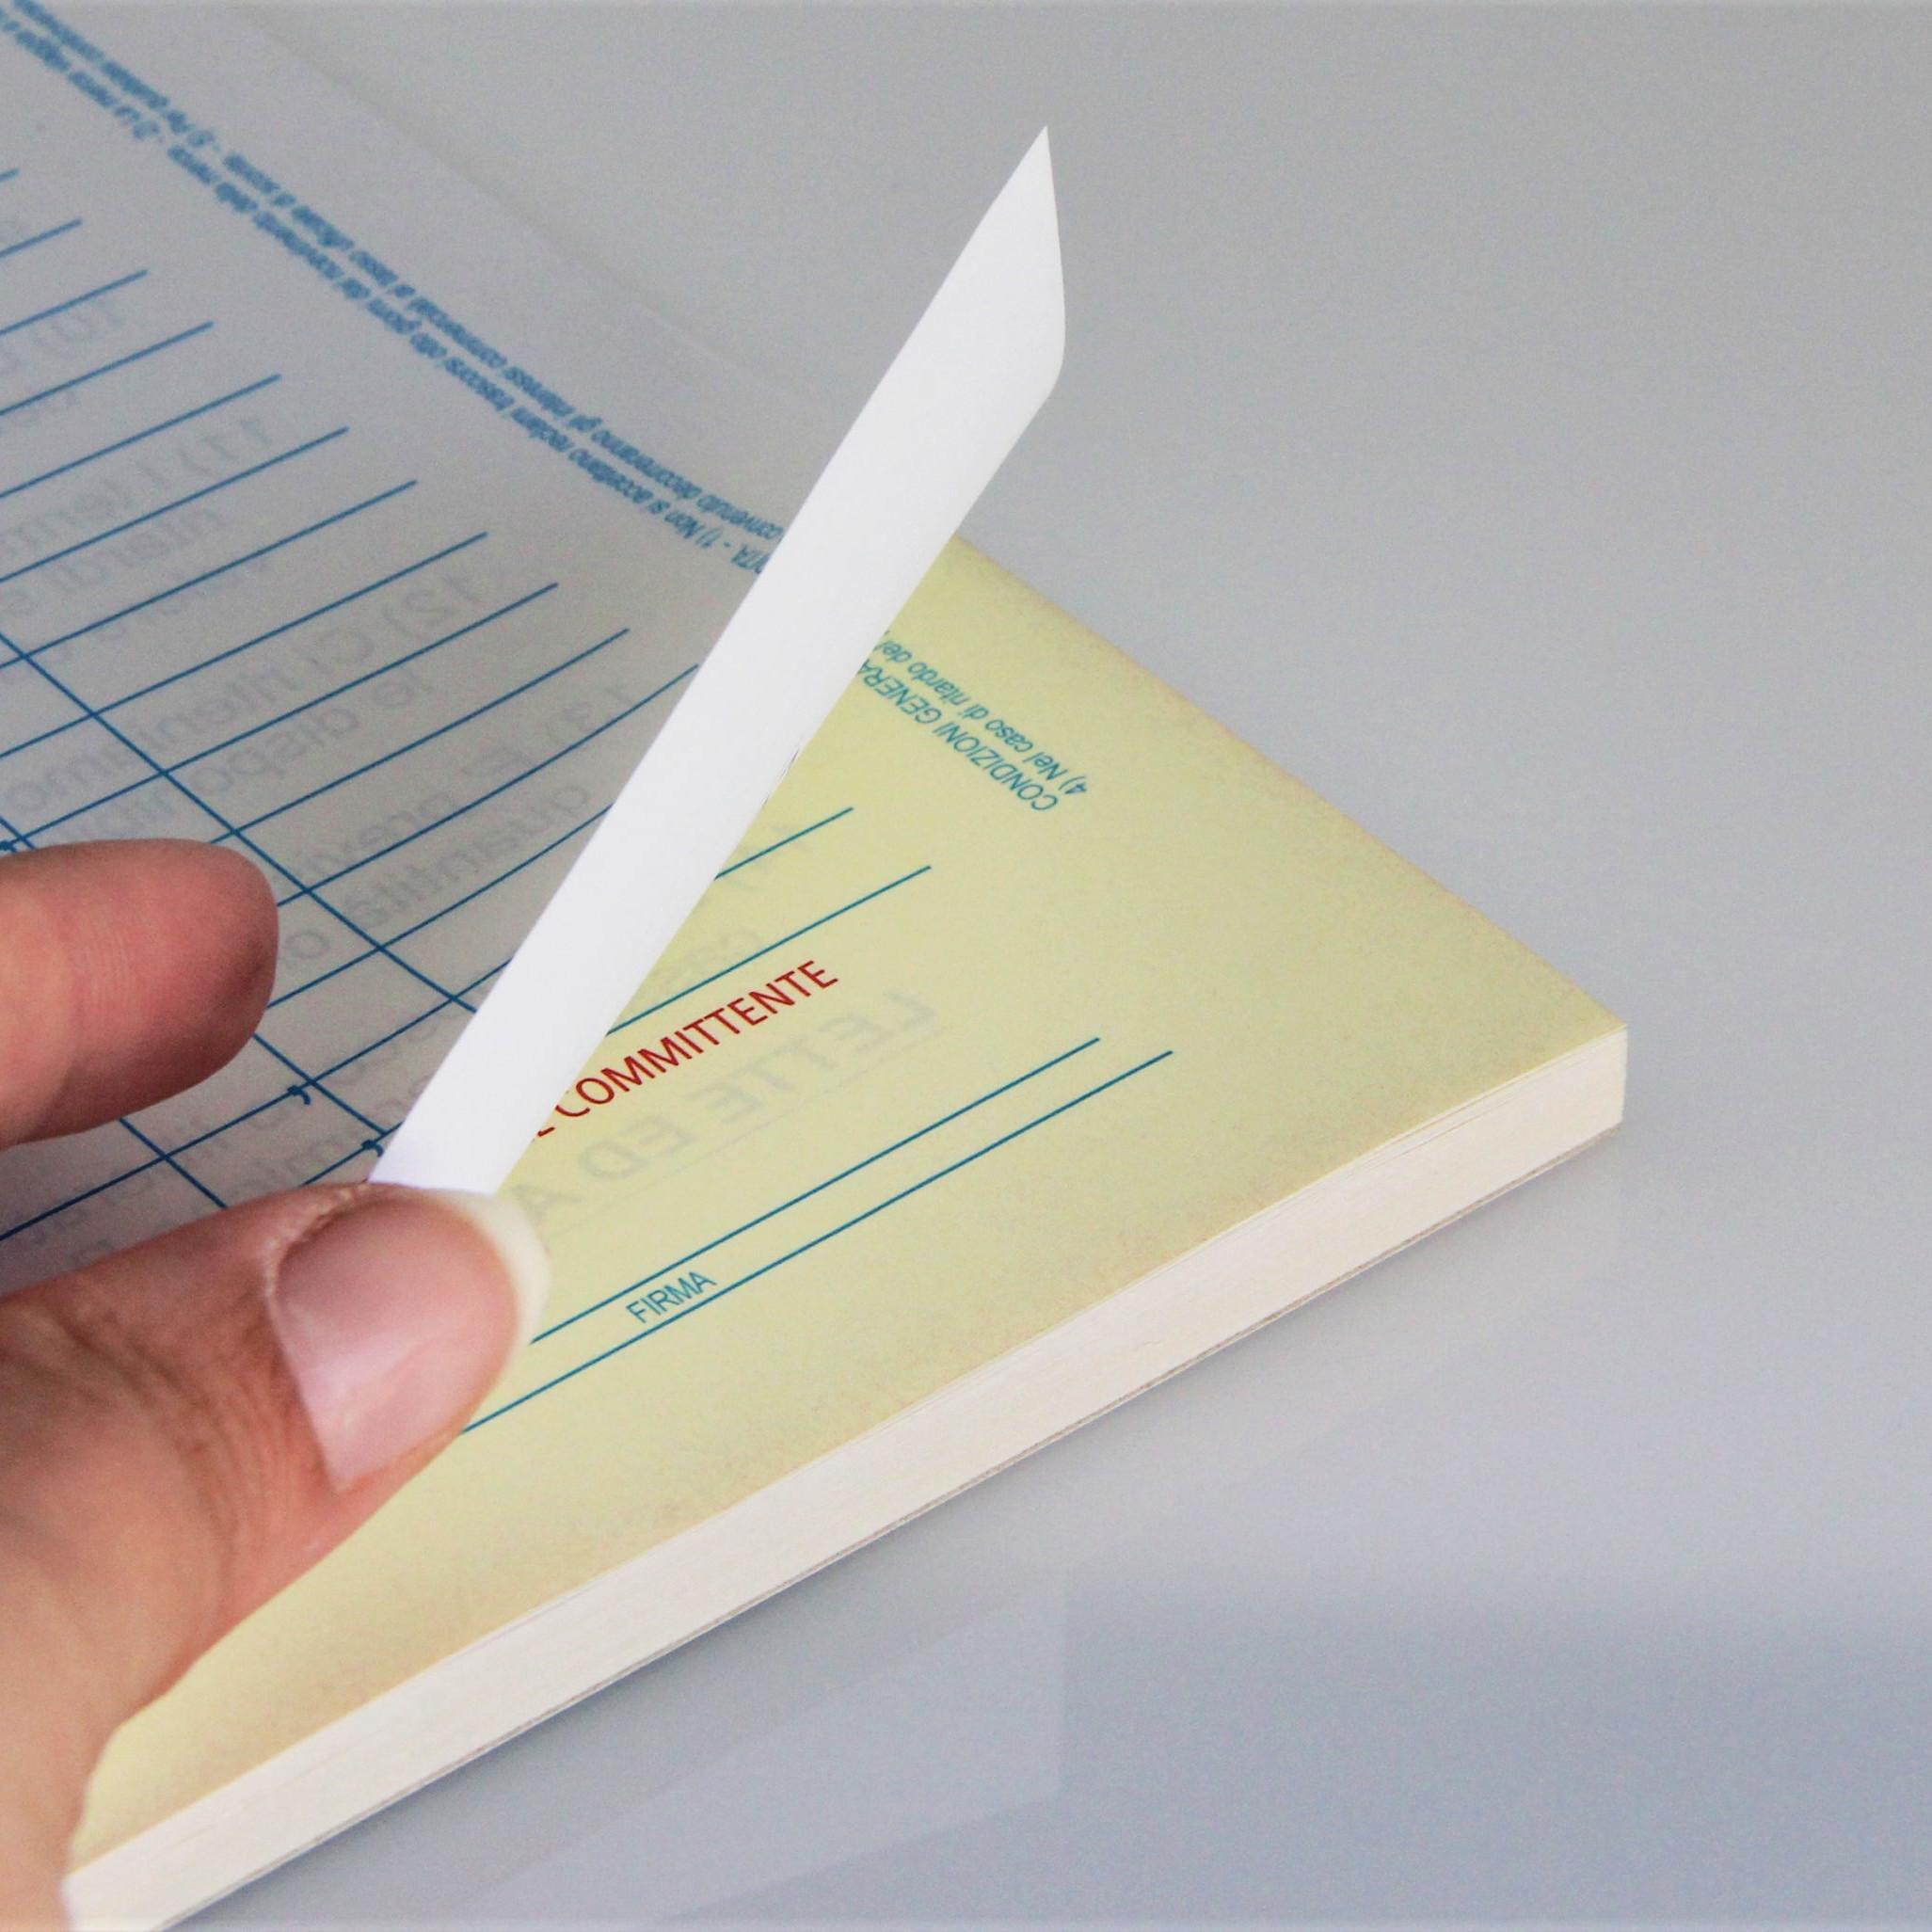 dettaglio blocco copiativo con mano che sfoglia i fogli